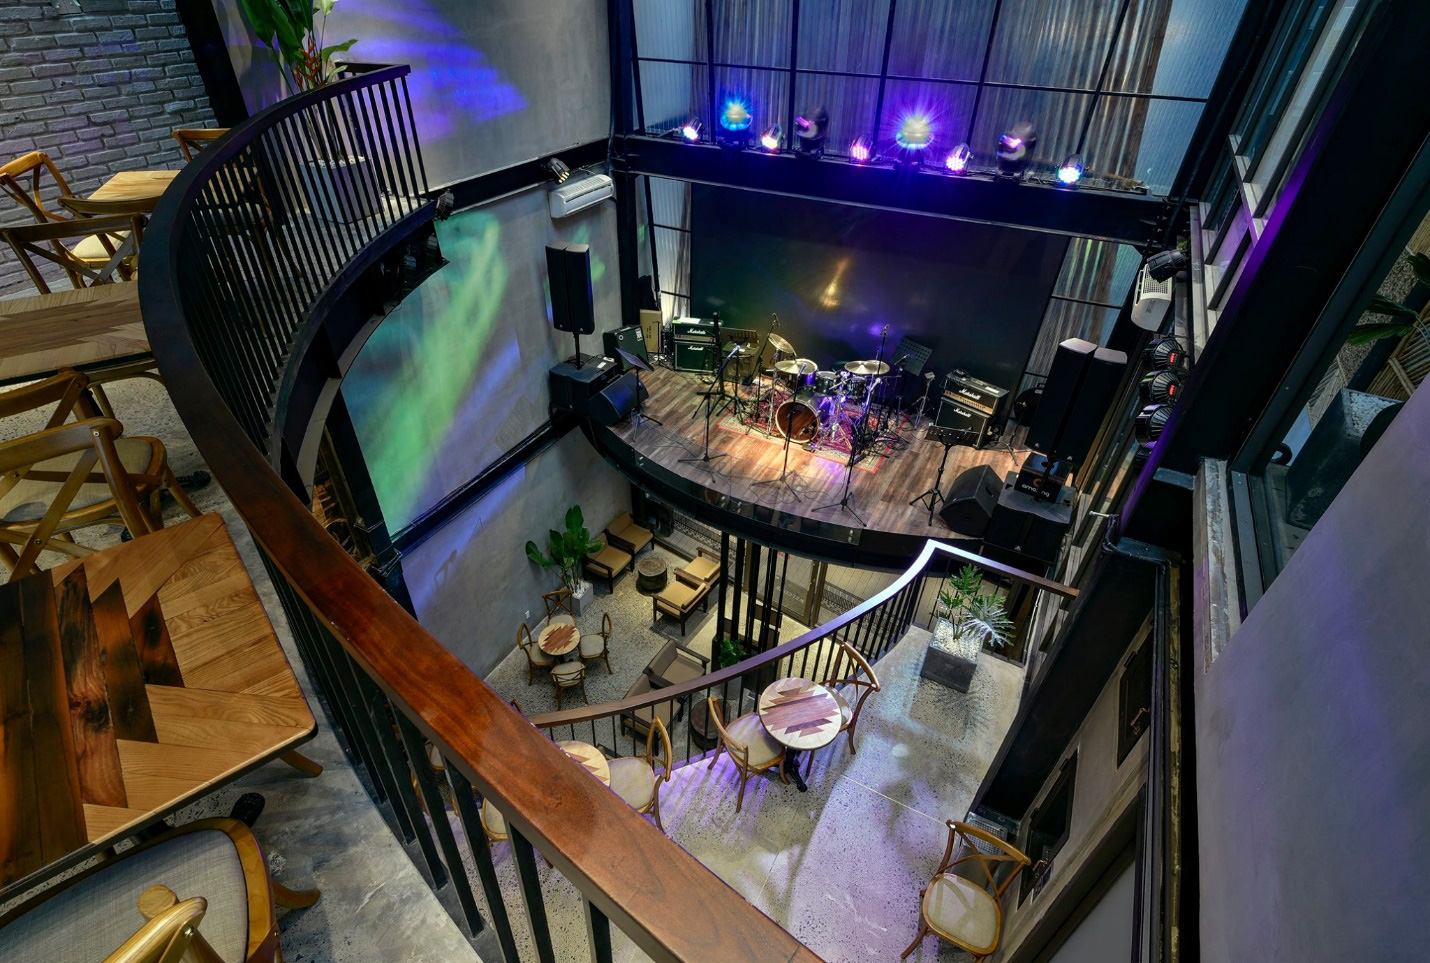 Sân chơi âm nhạc Amazing Music Star quay trở lại với giải thưởng cực kỳ hấp dẫn - Ảnh 5.